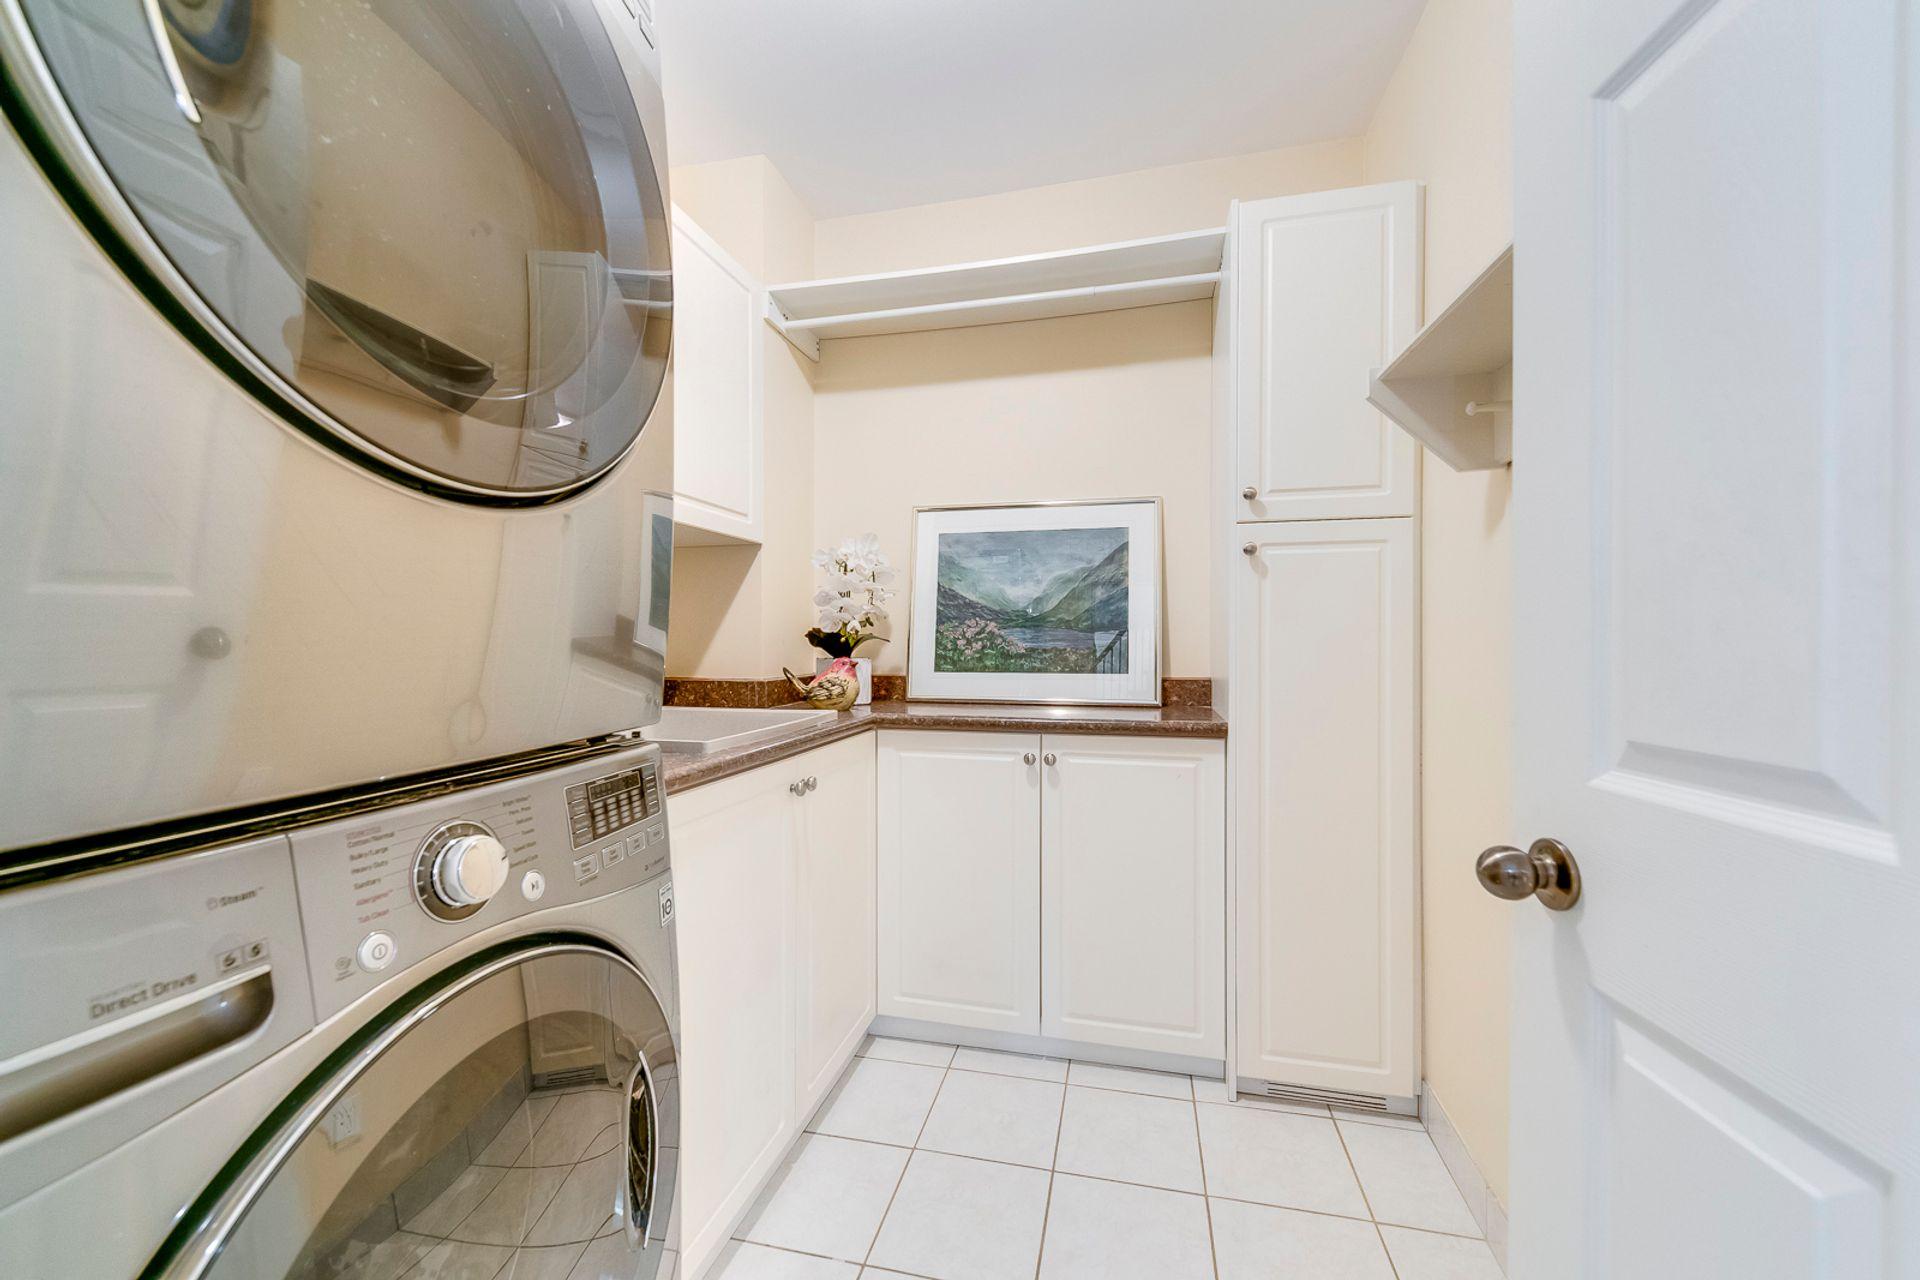 Laundry Room - 398 Maple Grove Dr, Oakville - Elite3 & Team at 398 Maple Grove Drive, Eastlake, Oakville